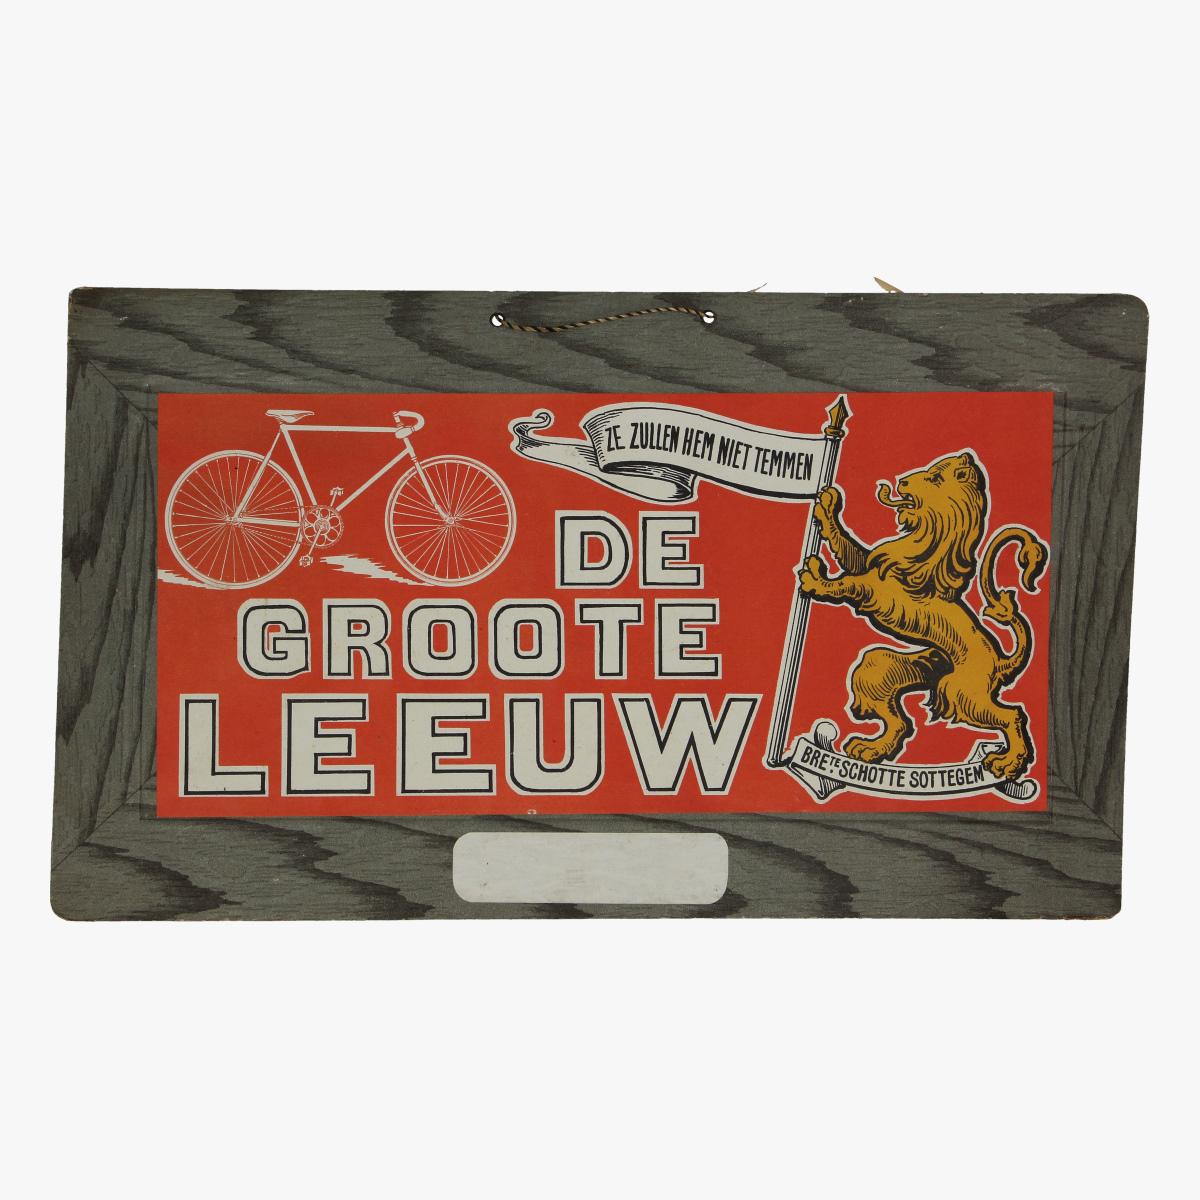 Afbeeldingen van pancarte fietsen DE GROOTE LEEUW  Zottegem wielrennen